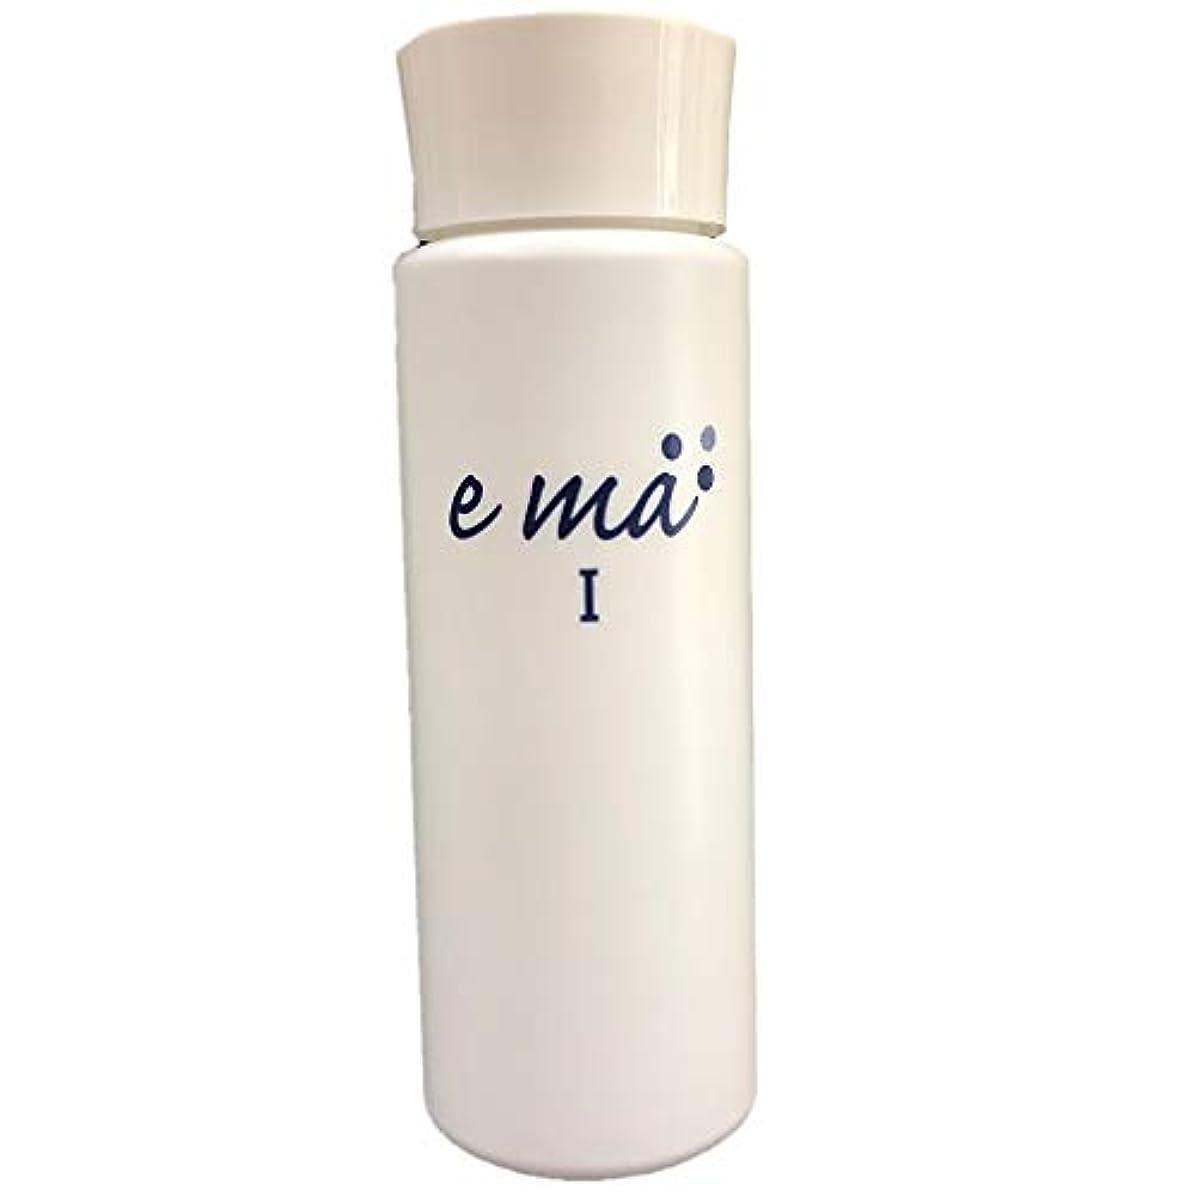 割り当てるまっすぐ塩辛い【薬用化粧水】 emaⅠ 人気のエマシリーズから薬用美白化粧水 100mL 医薬部外品